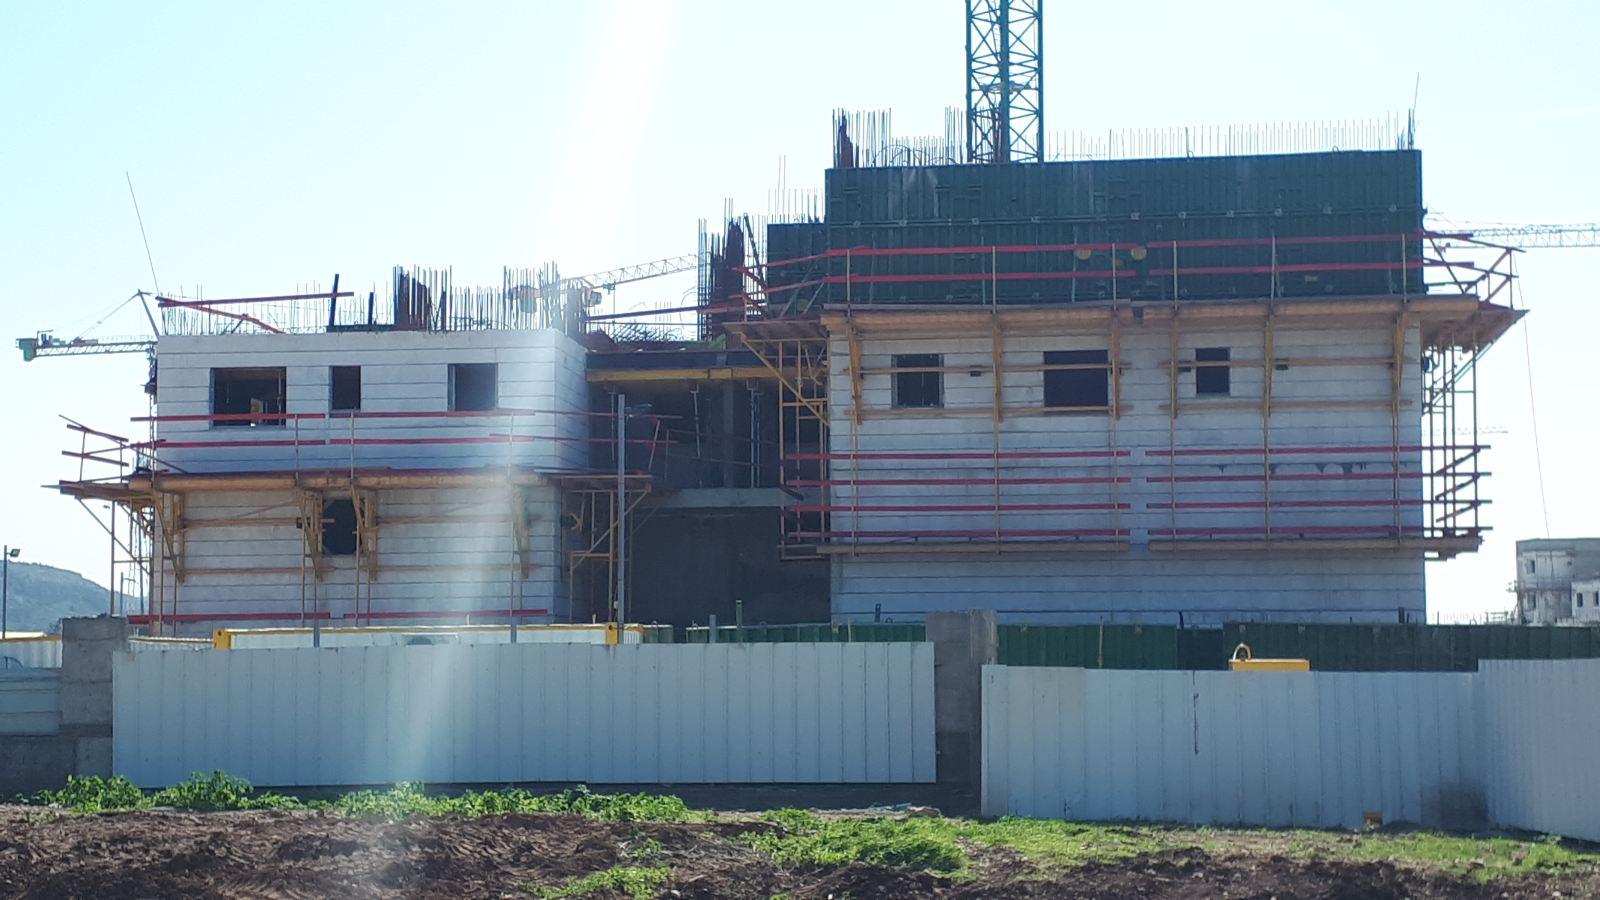 בפרויקט מגדלי וילאר בטירת הכרמל בורג בטון עם עיין מובנה BTeye לעבודות בגובה הכולל אבטחה וקו חיים.